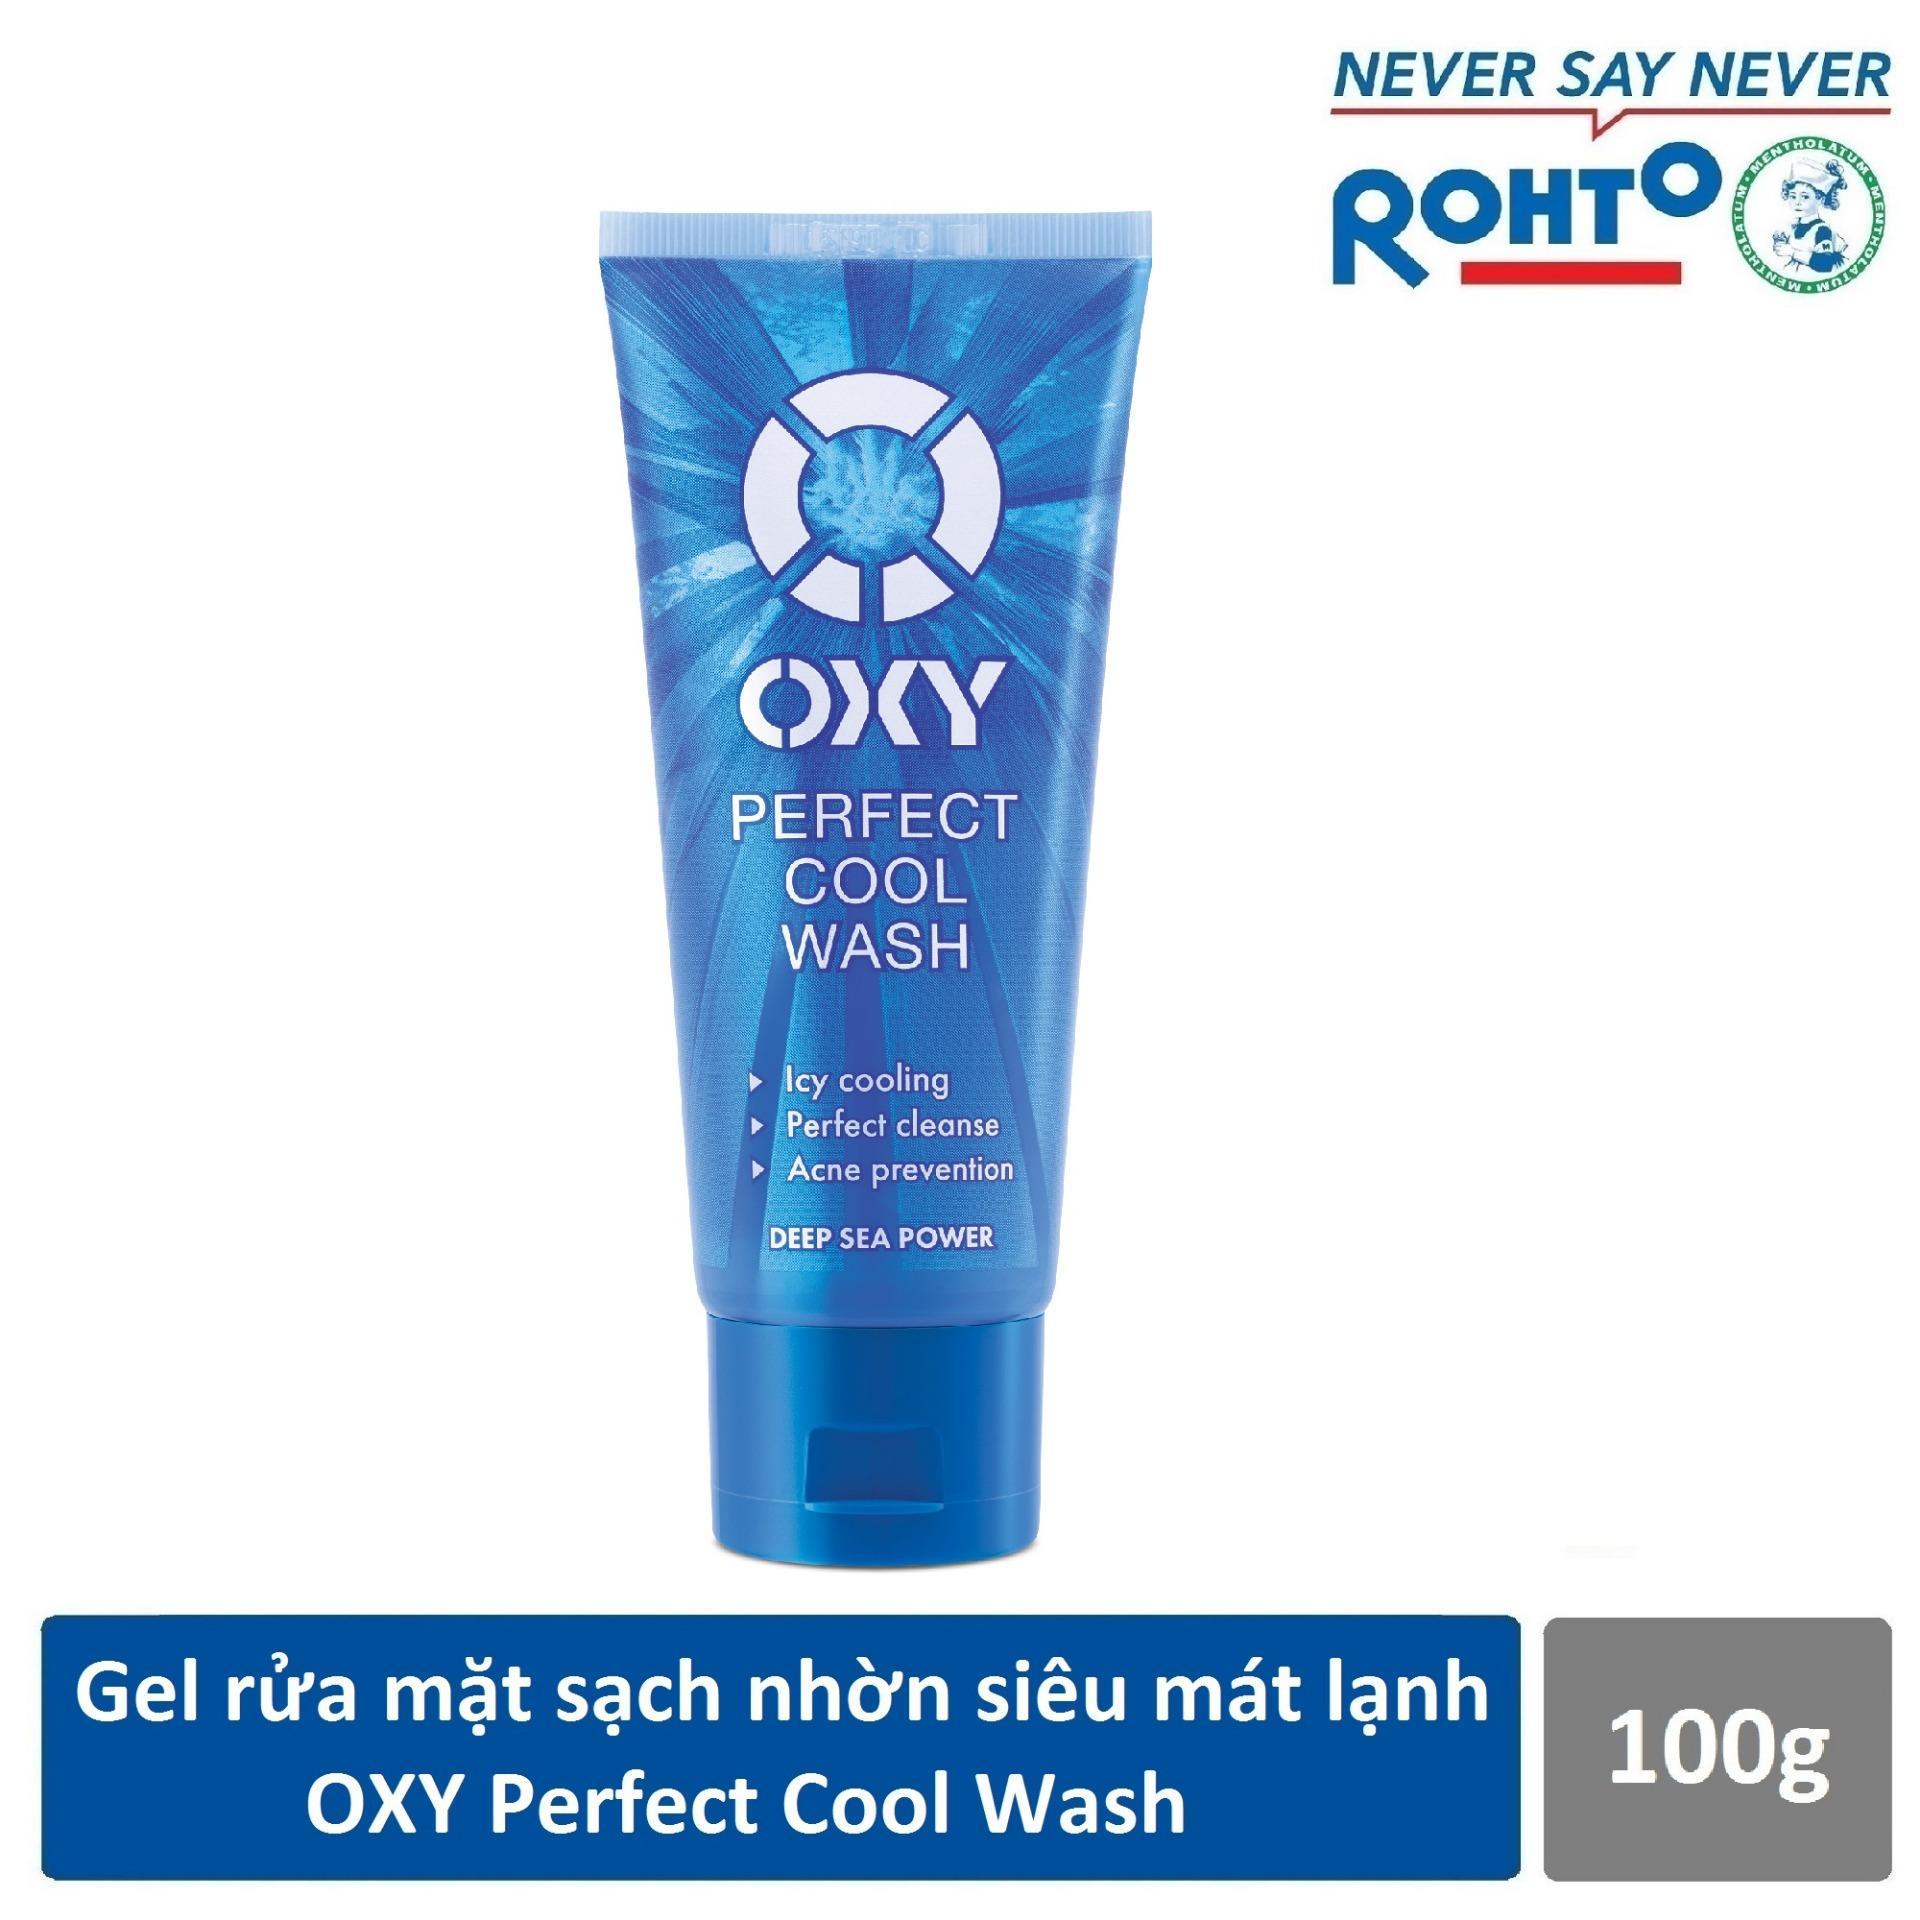 Gel rửa mặt sạch nhờn siêu mát lạnh OXY Perfect Cool Wash 100g cao cấp